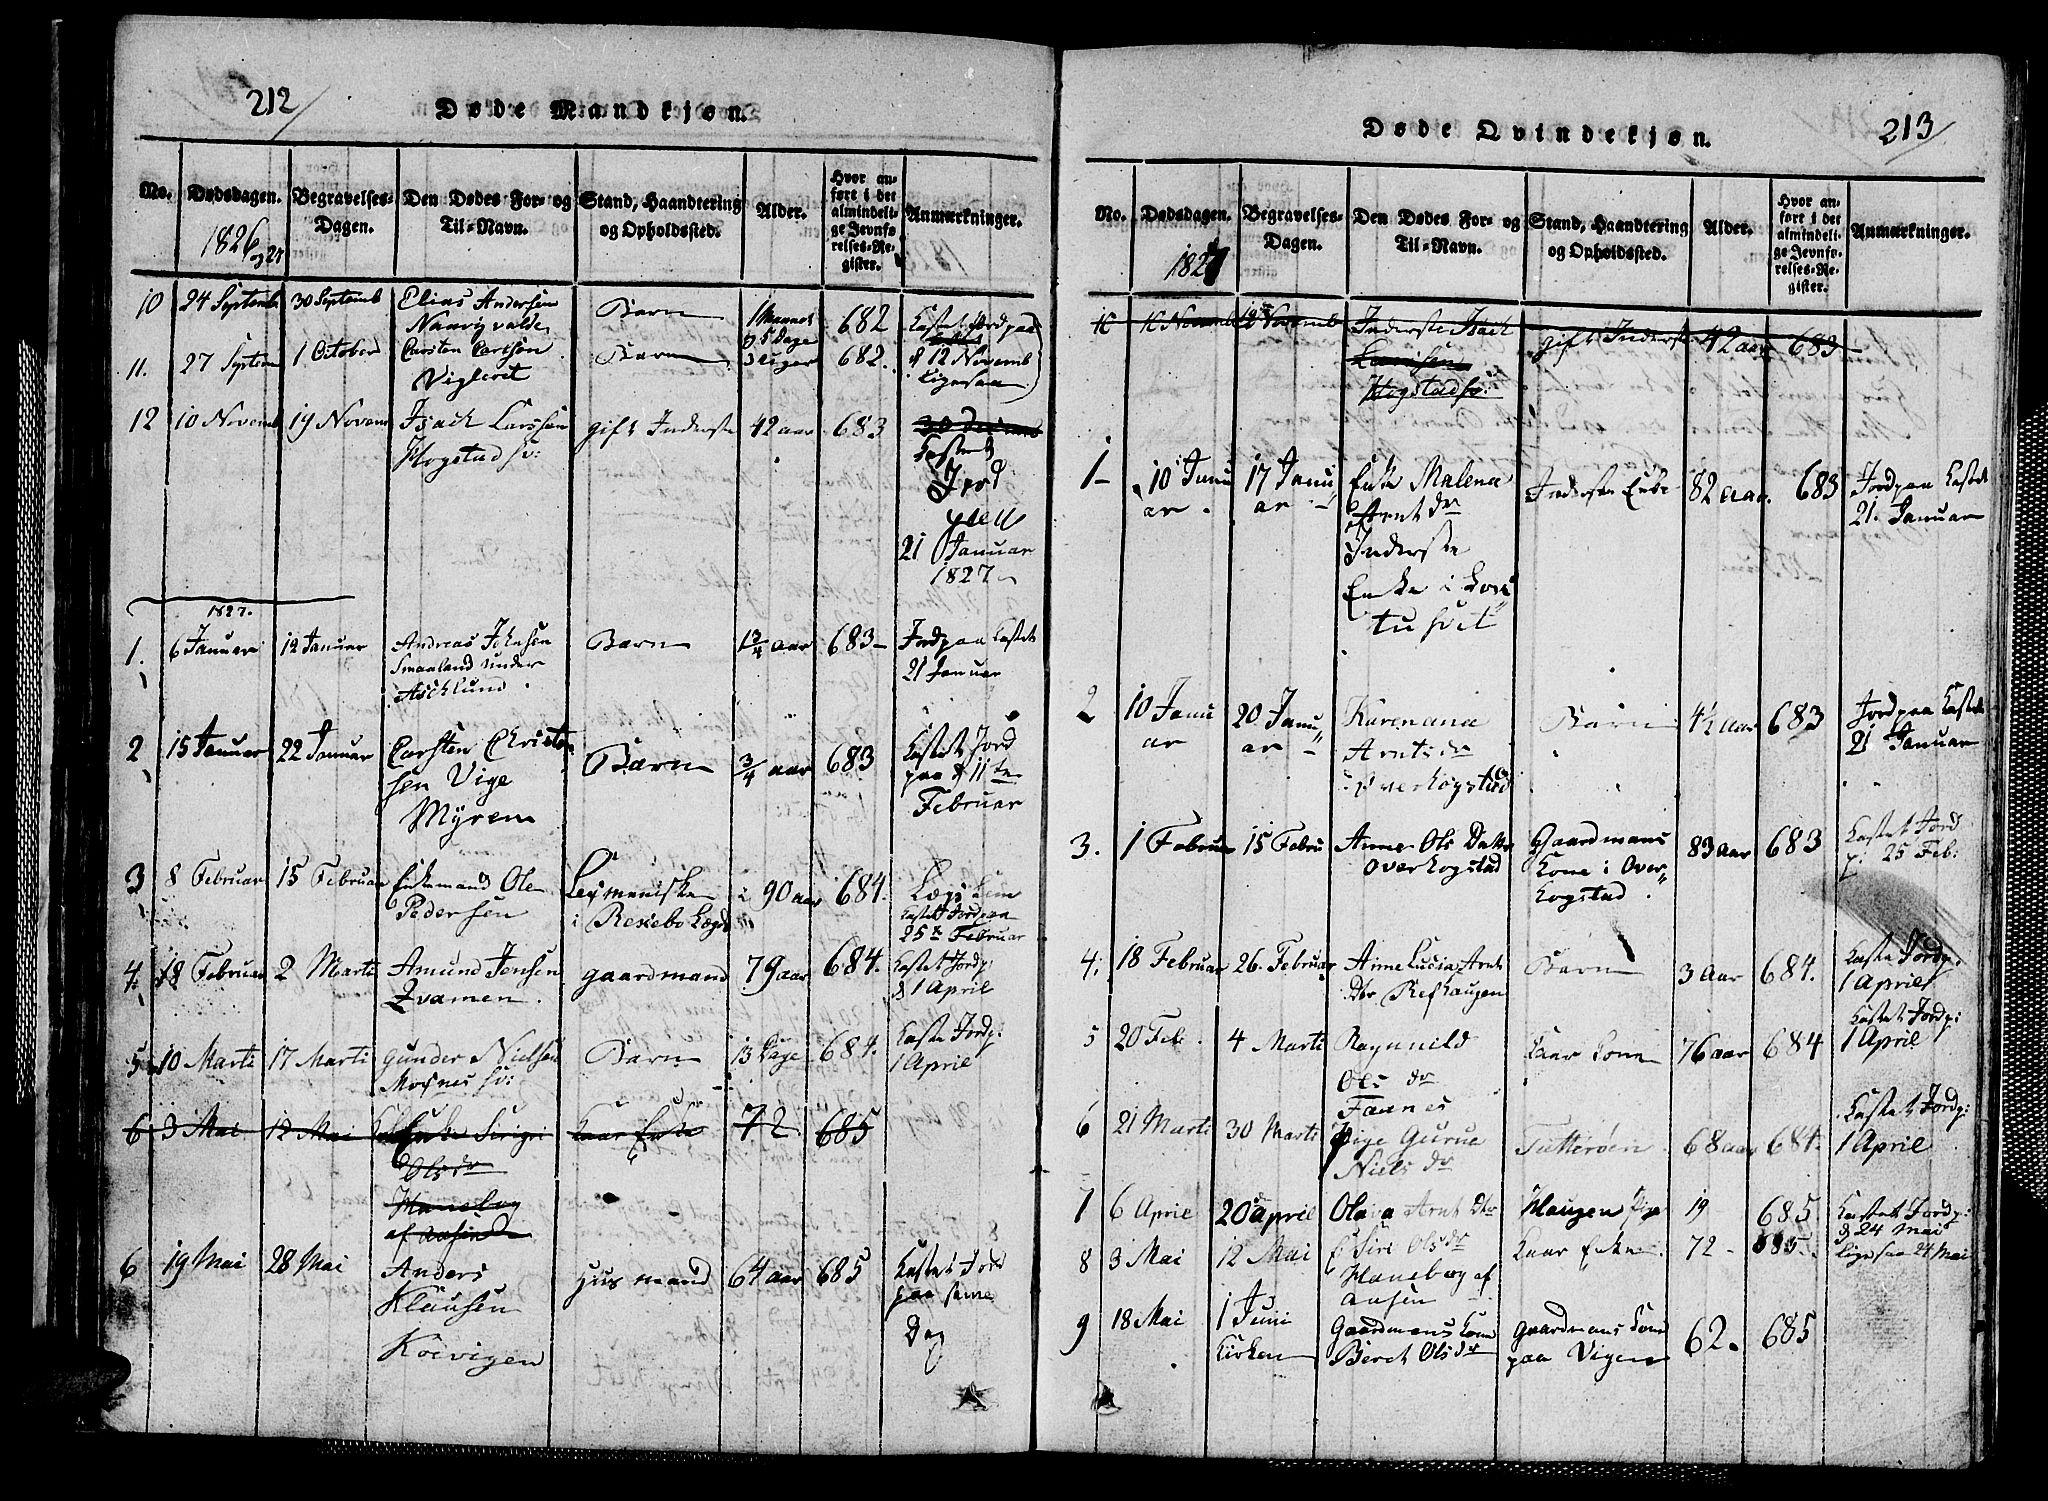 SAT, Ministerialprotokoller, klokkerbøker og fødselsregistre - Nord-Trøndelag, 713/L0124: Klokkerbok nr. 713C01, 1817-1827, s. 212-213